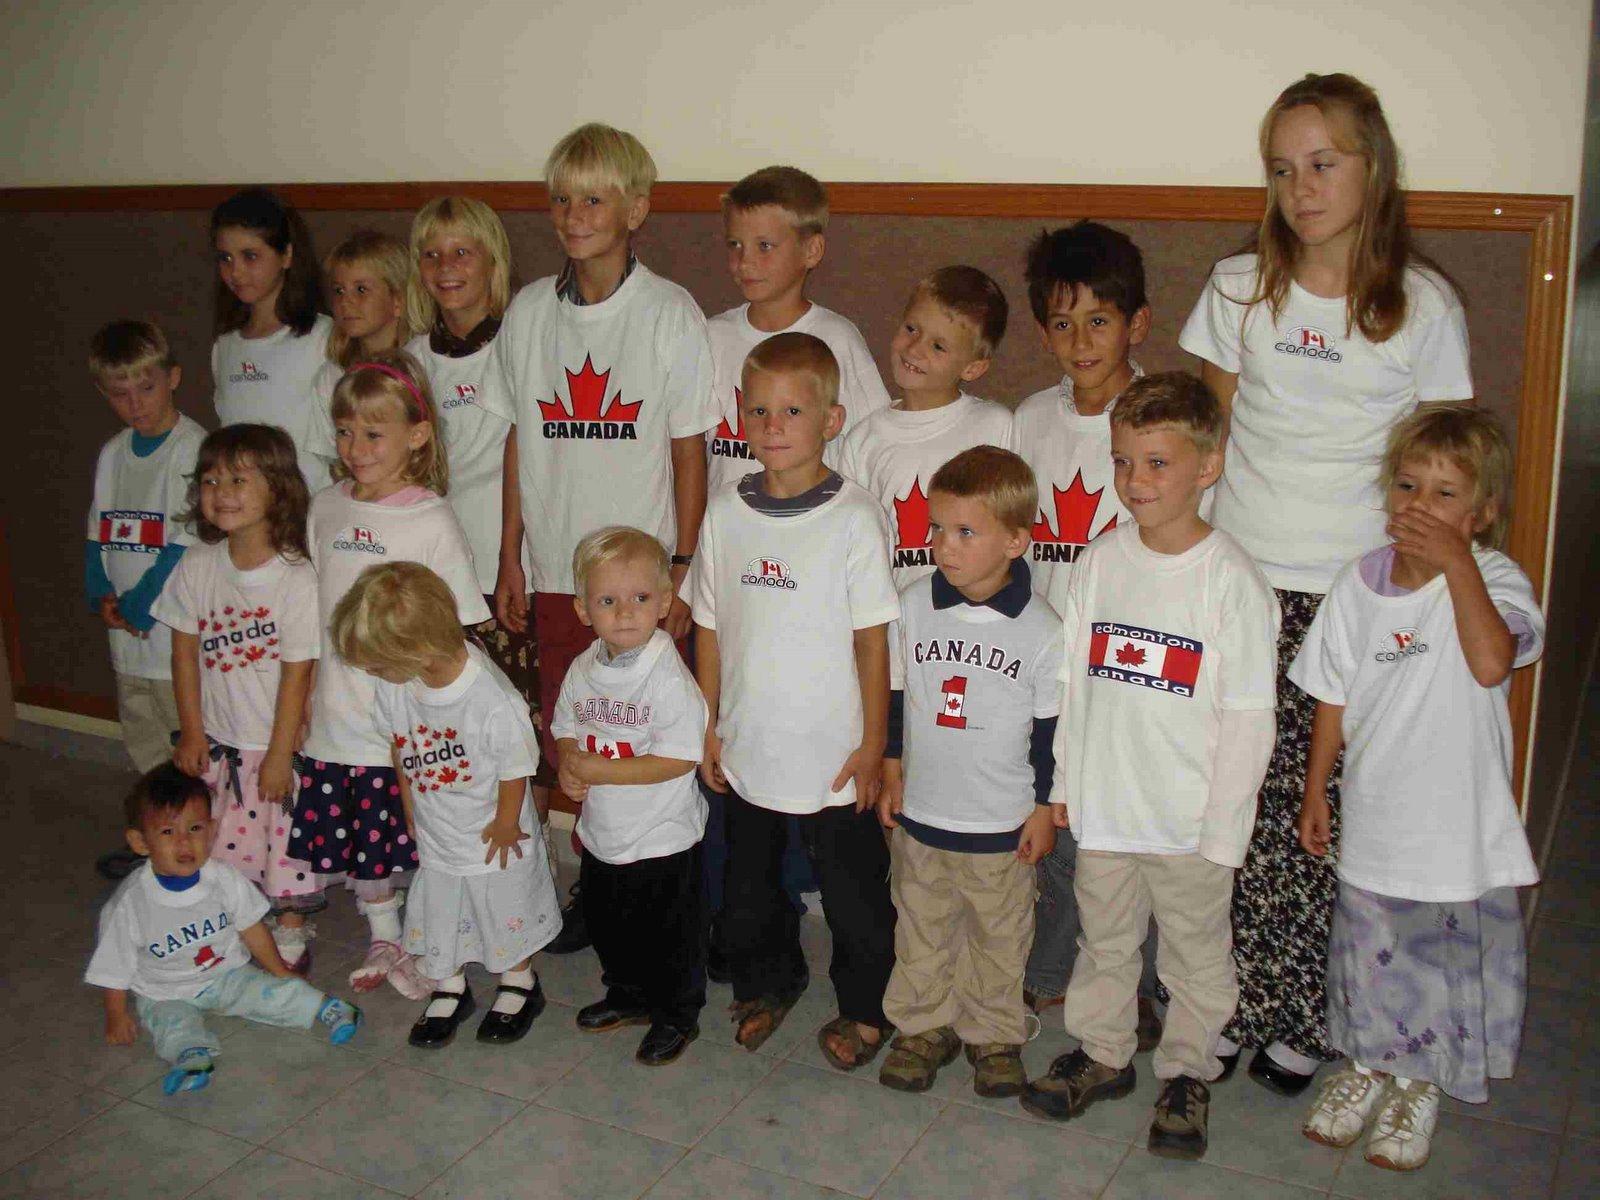 [Canada+Tshirts.jpg]